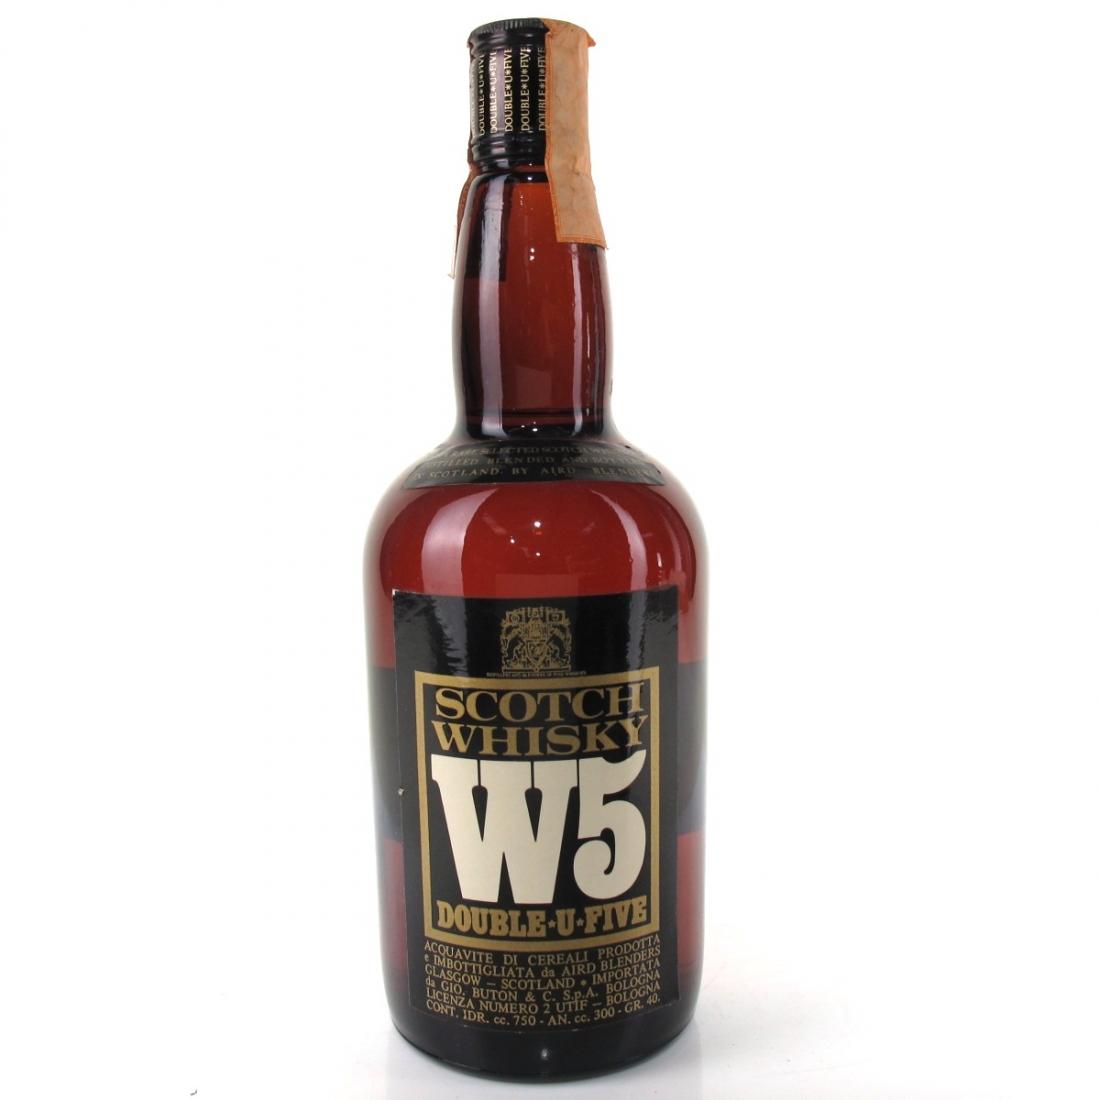 W5 Double U Five Scotch Whisky 1980s